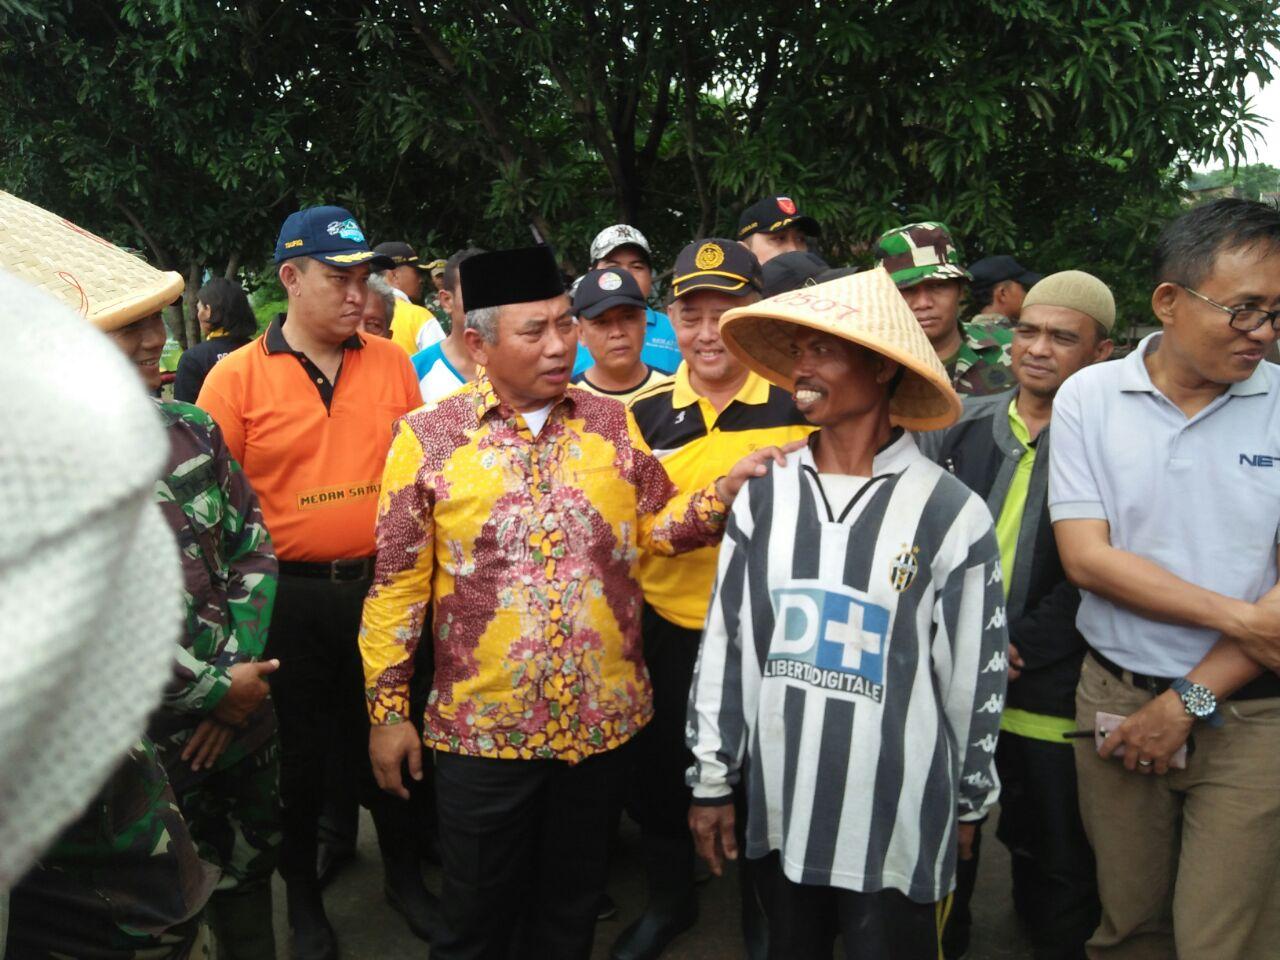 Rangkul Petani, Walikota Bekasidan Tiga Pilar Lakukan Panen Raya